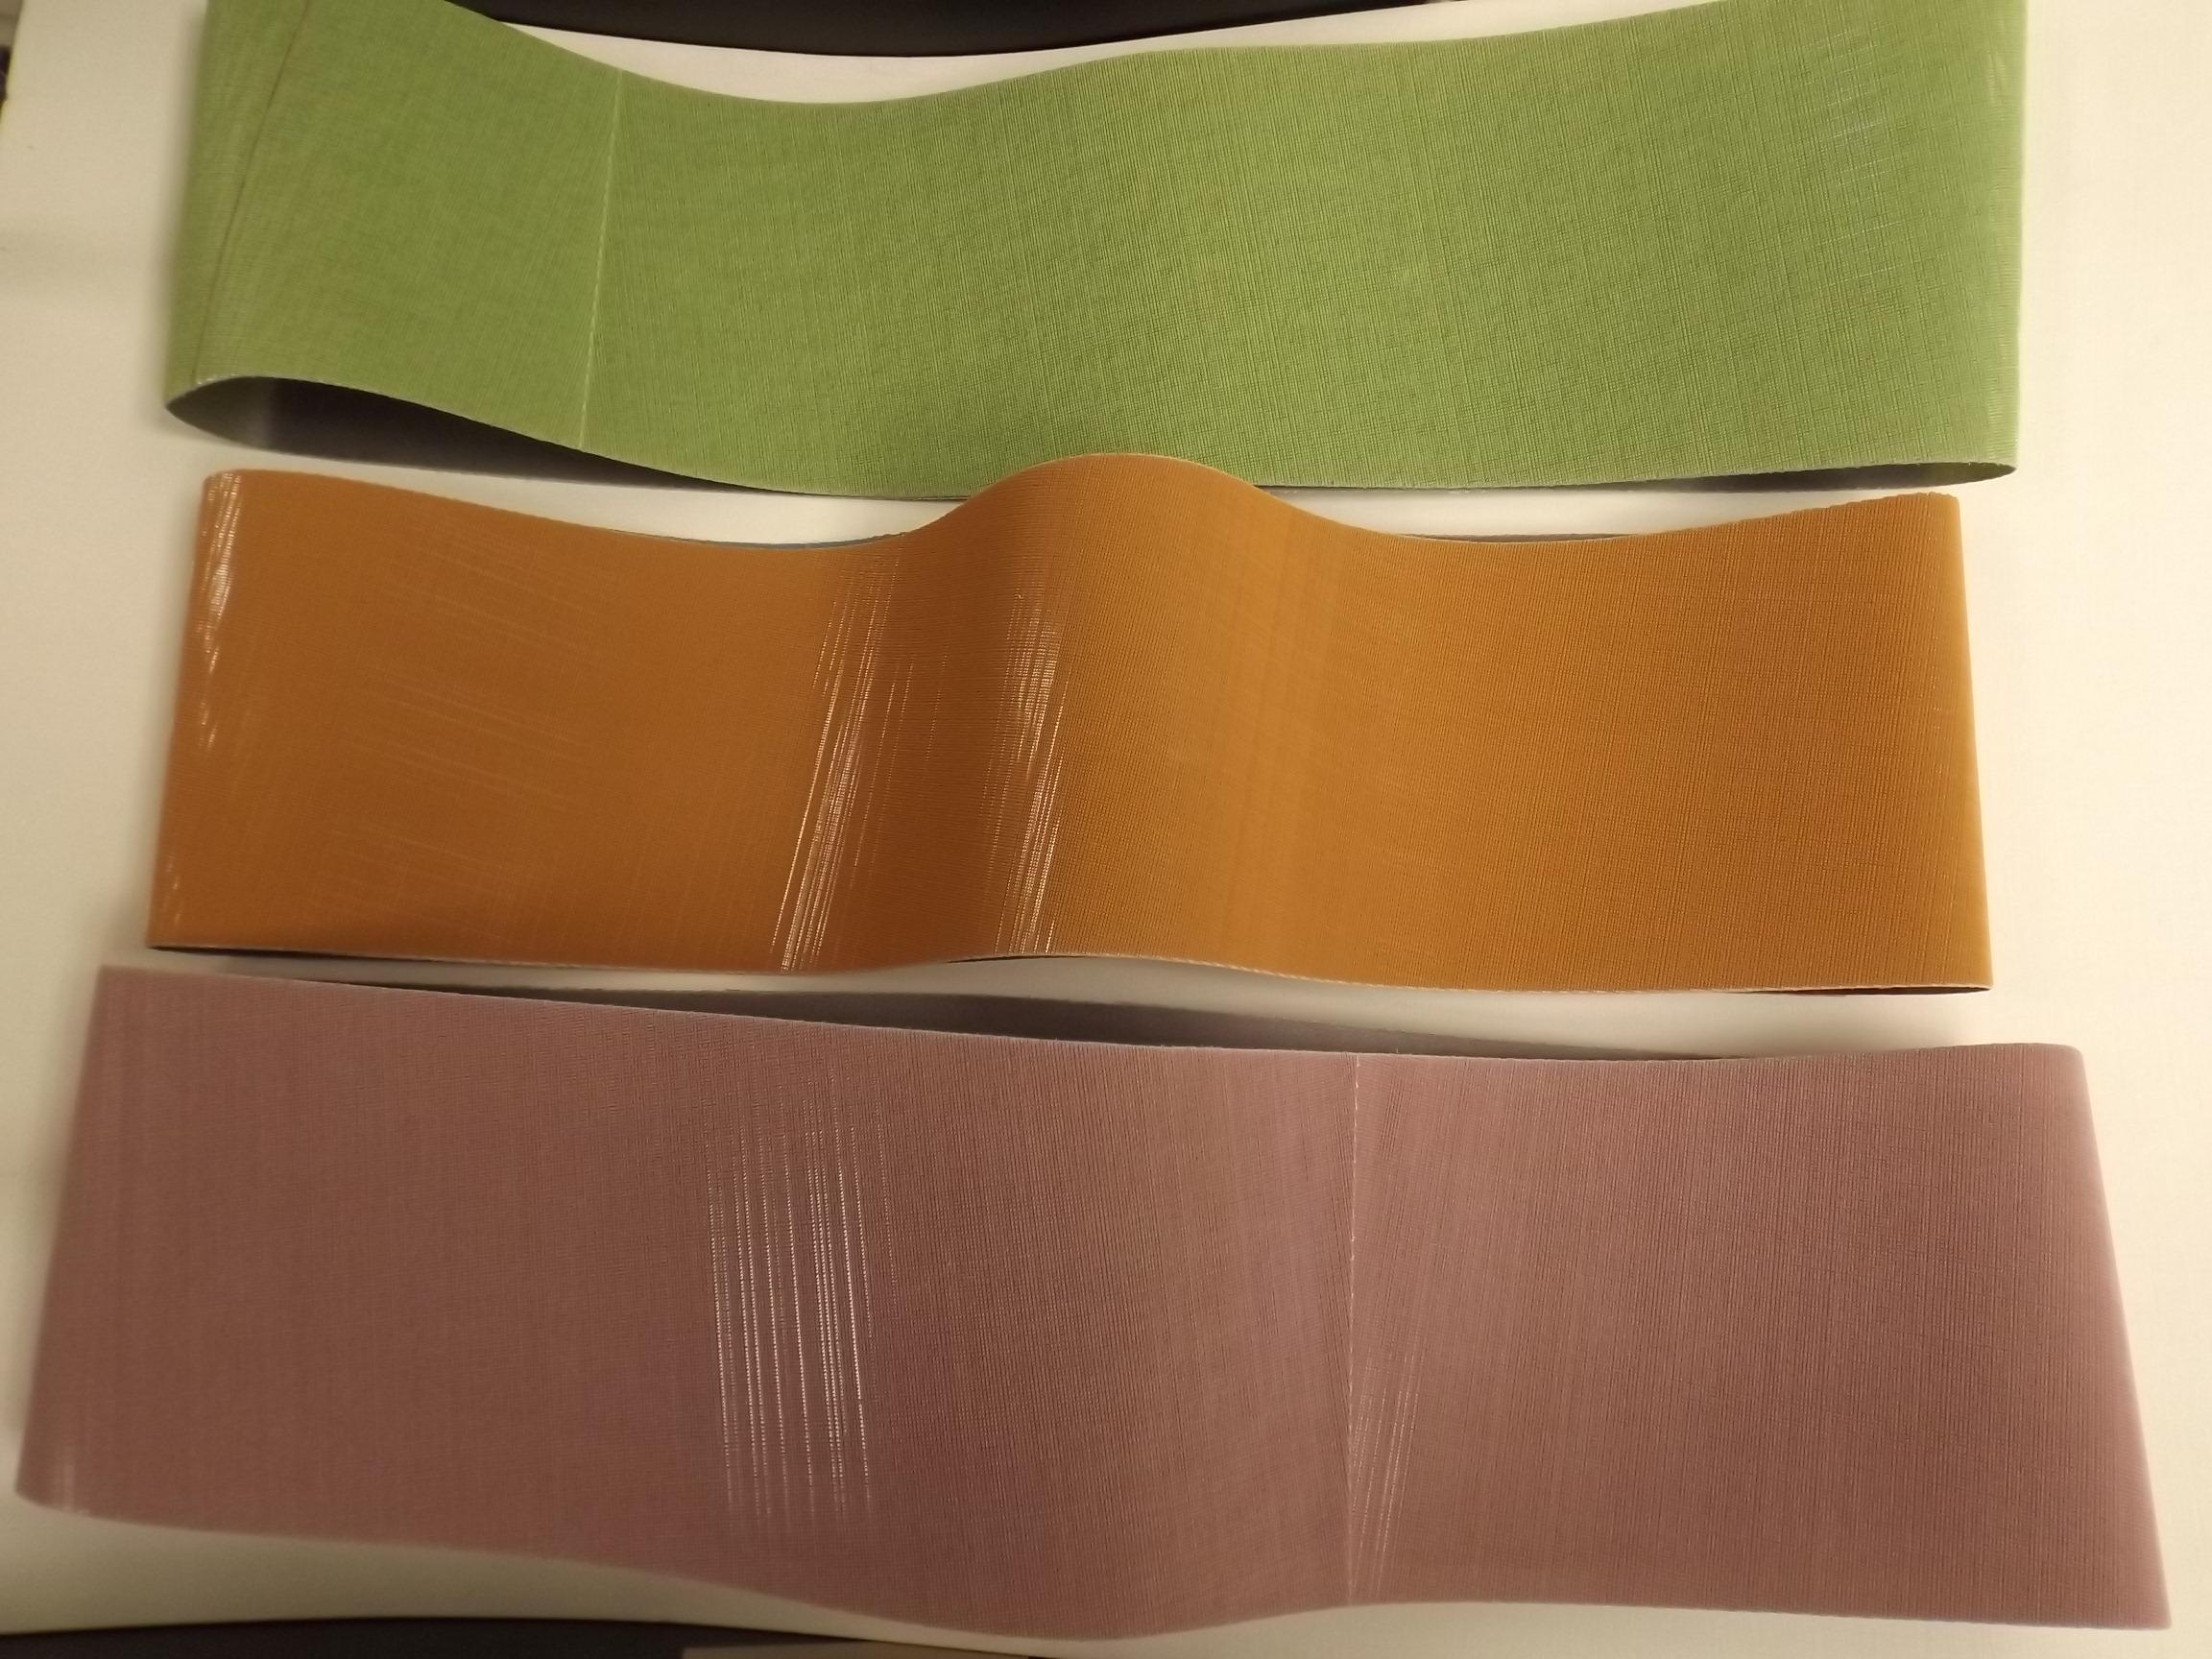 10.371/10.372/10.374 3M Trizact Belts- Pkg of 3 Grits-400, 600, 2000 - Grobet